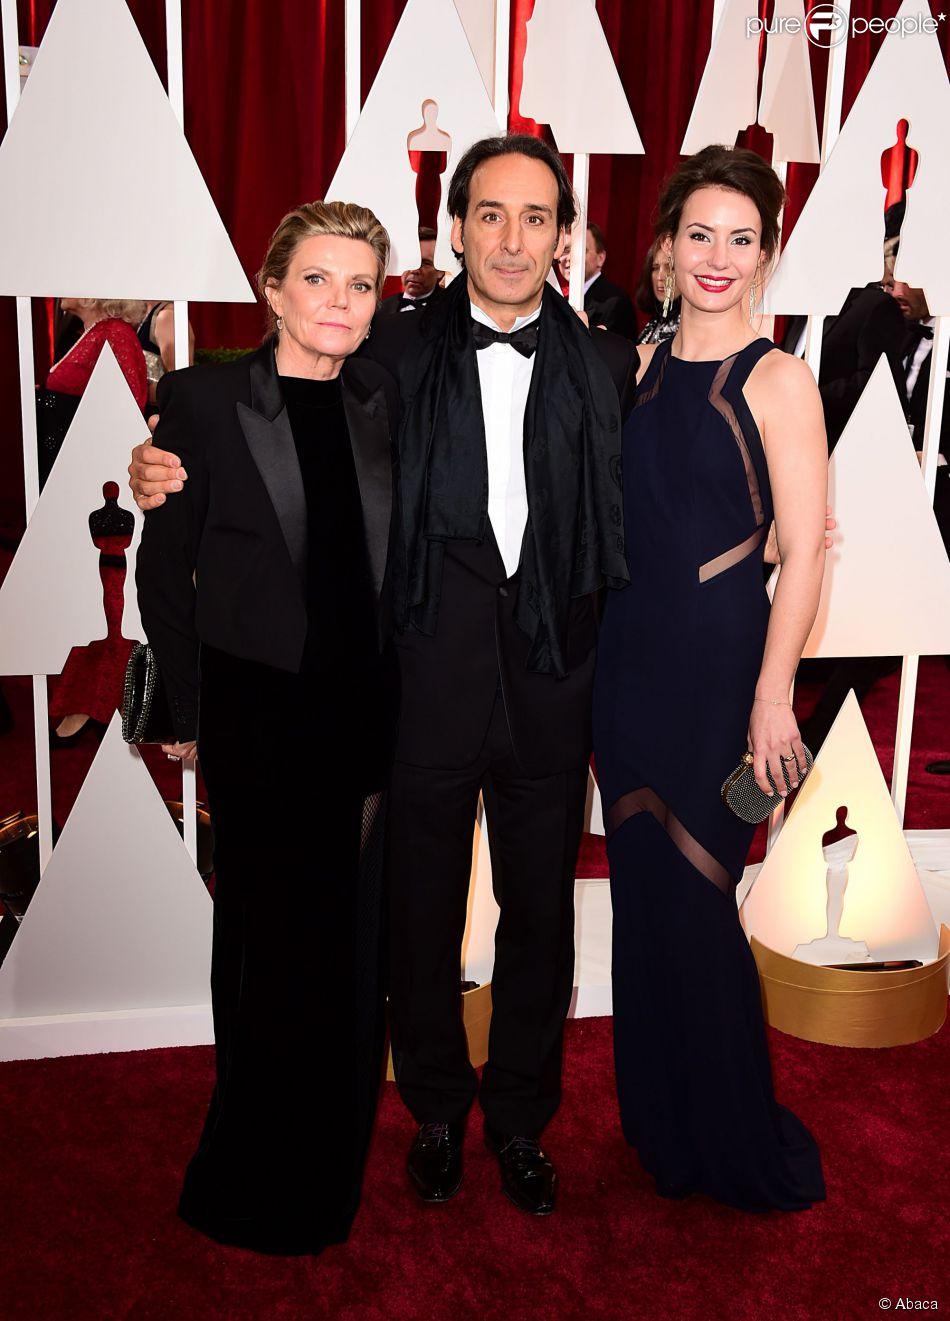 Alexandre Desplat, Dominique LeMonnier et leur fille lors de la 87e cérémonie des Oscars à Los Angeles le 22 février 2015